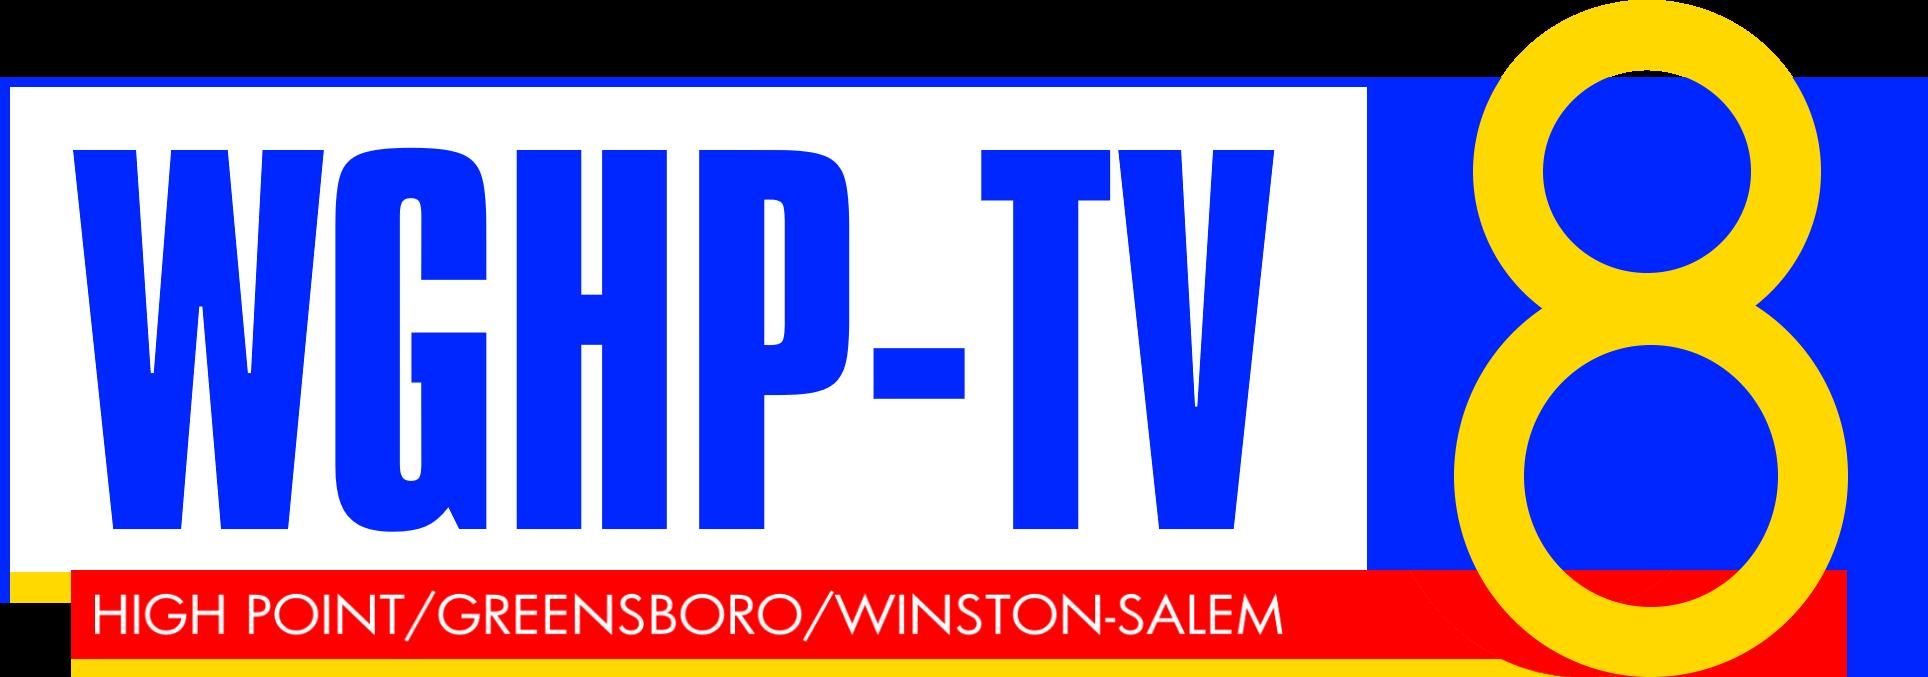 AlternateHistory.com's WGHP logo #1.png